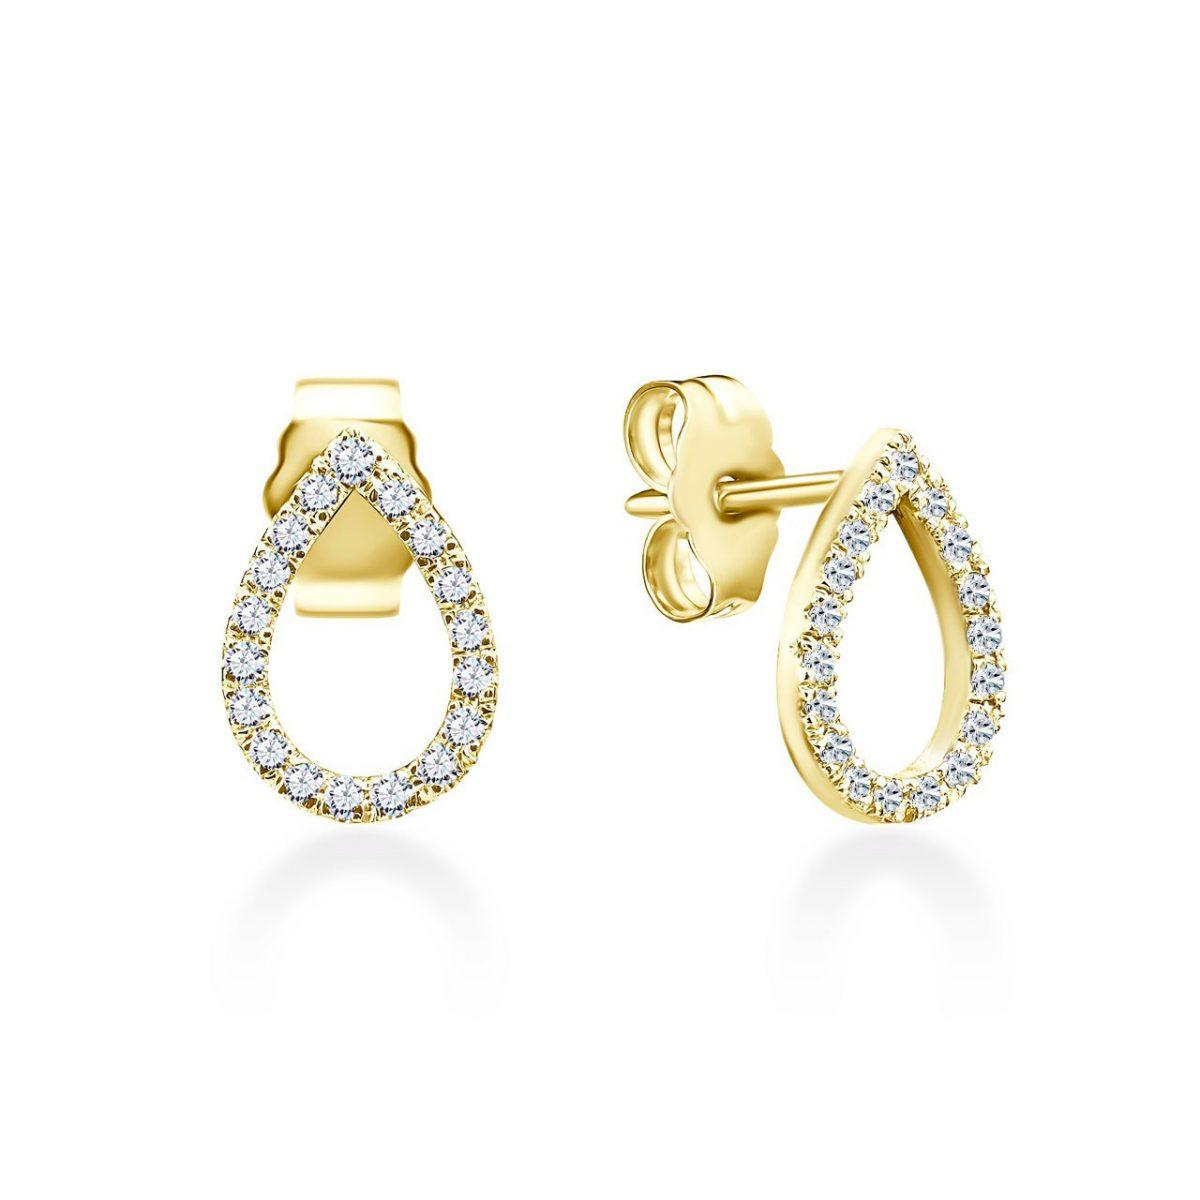 עגילי יהלומים - טיפה - זהב זהוב